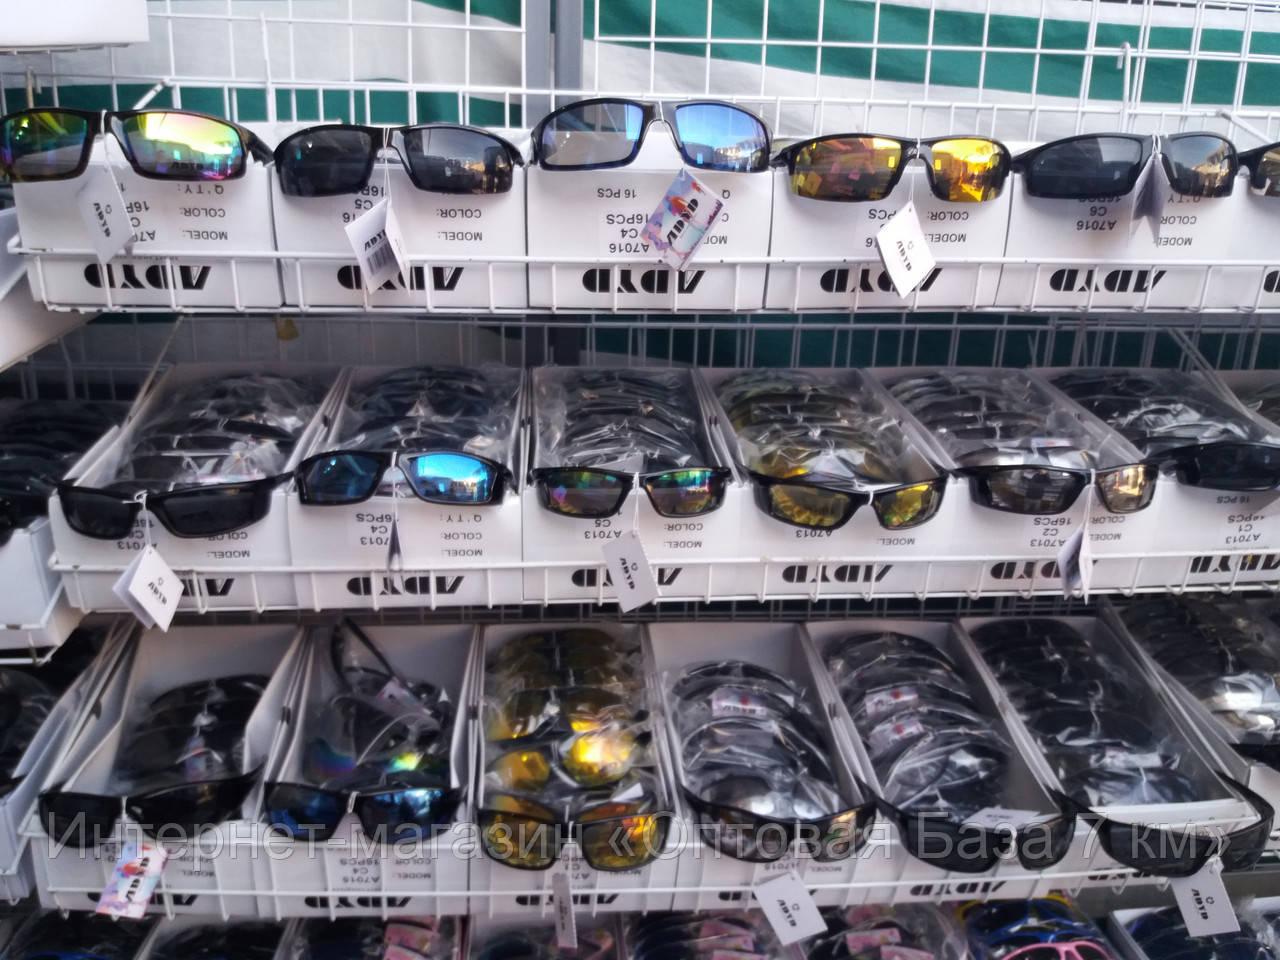 Мужские солнцезащитные очки спорт микс крупным оптом купить в Украине Одесса  опт 7 км - Интернет 5e82a08e528